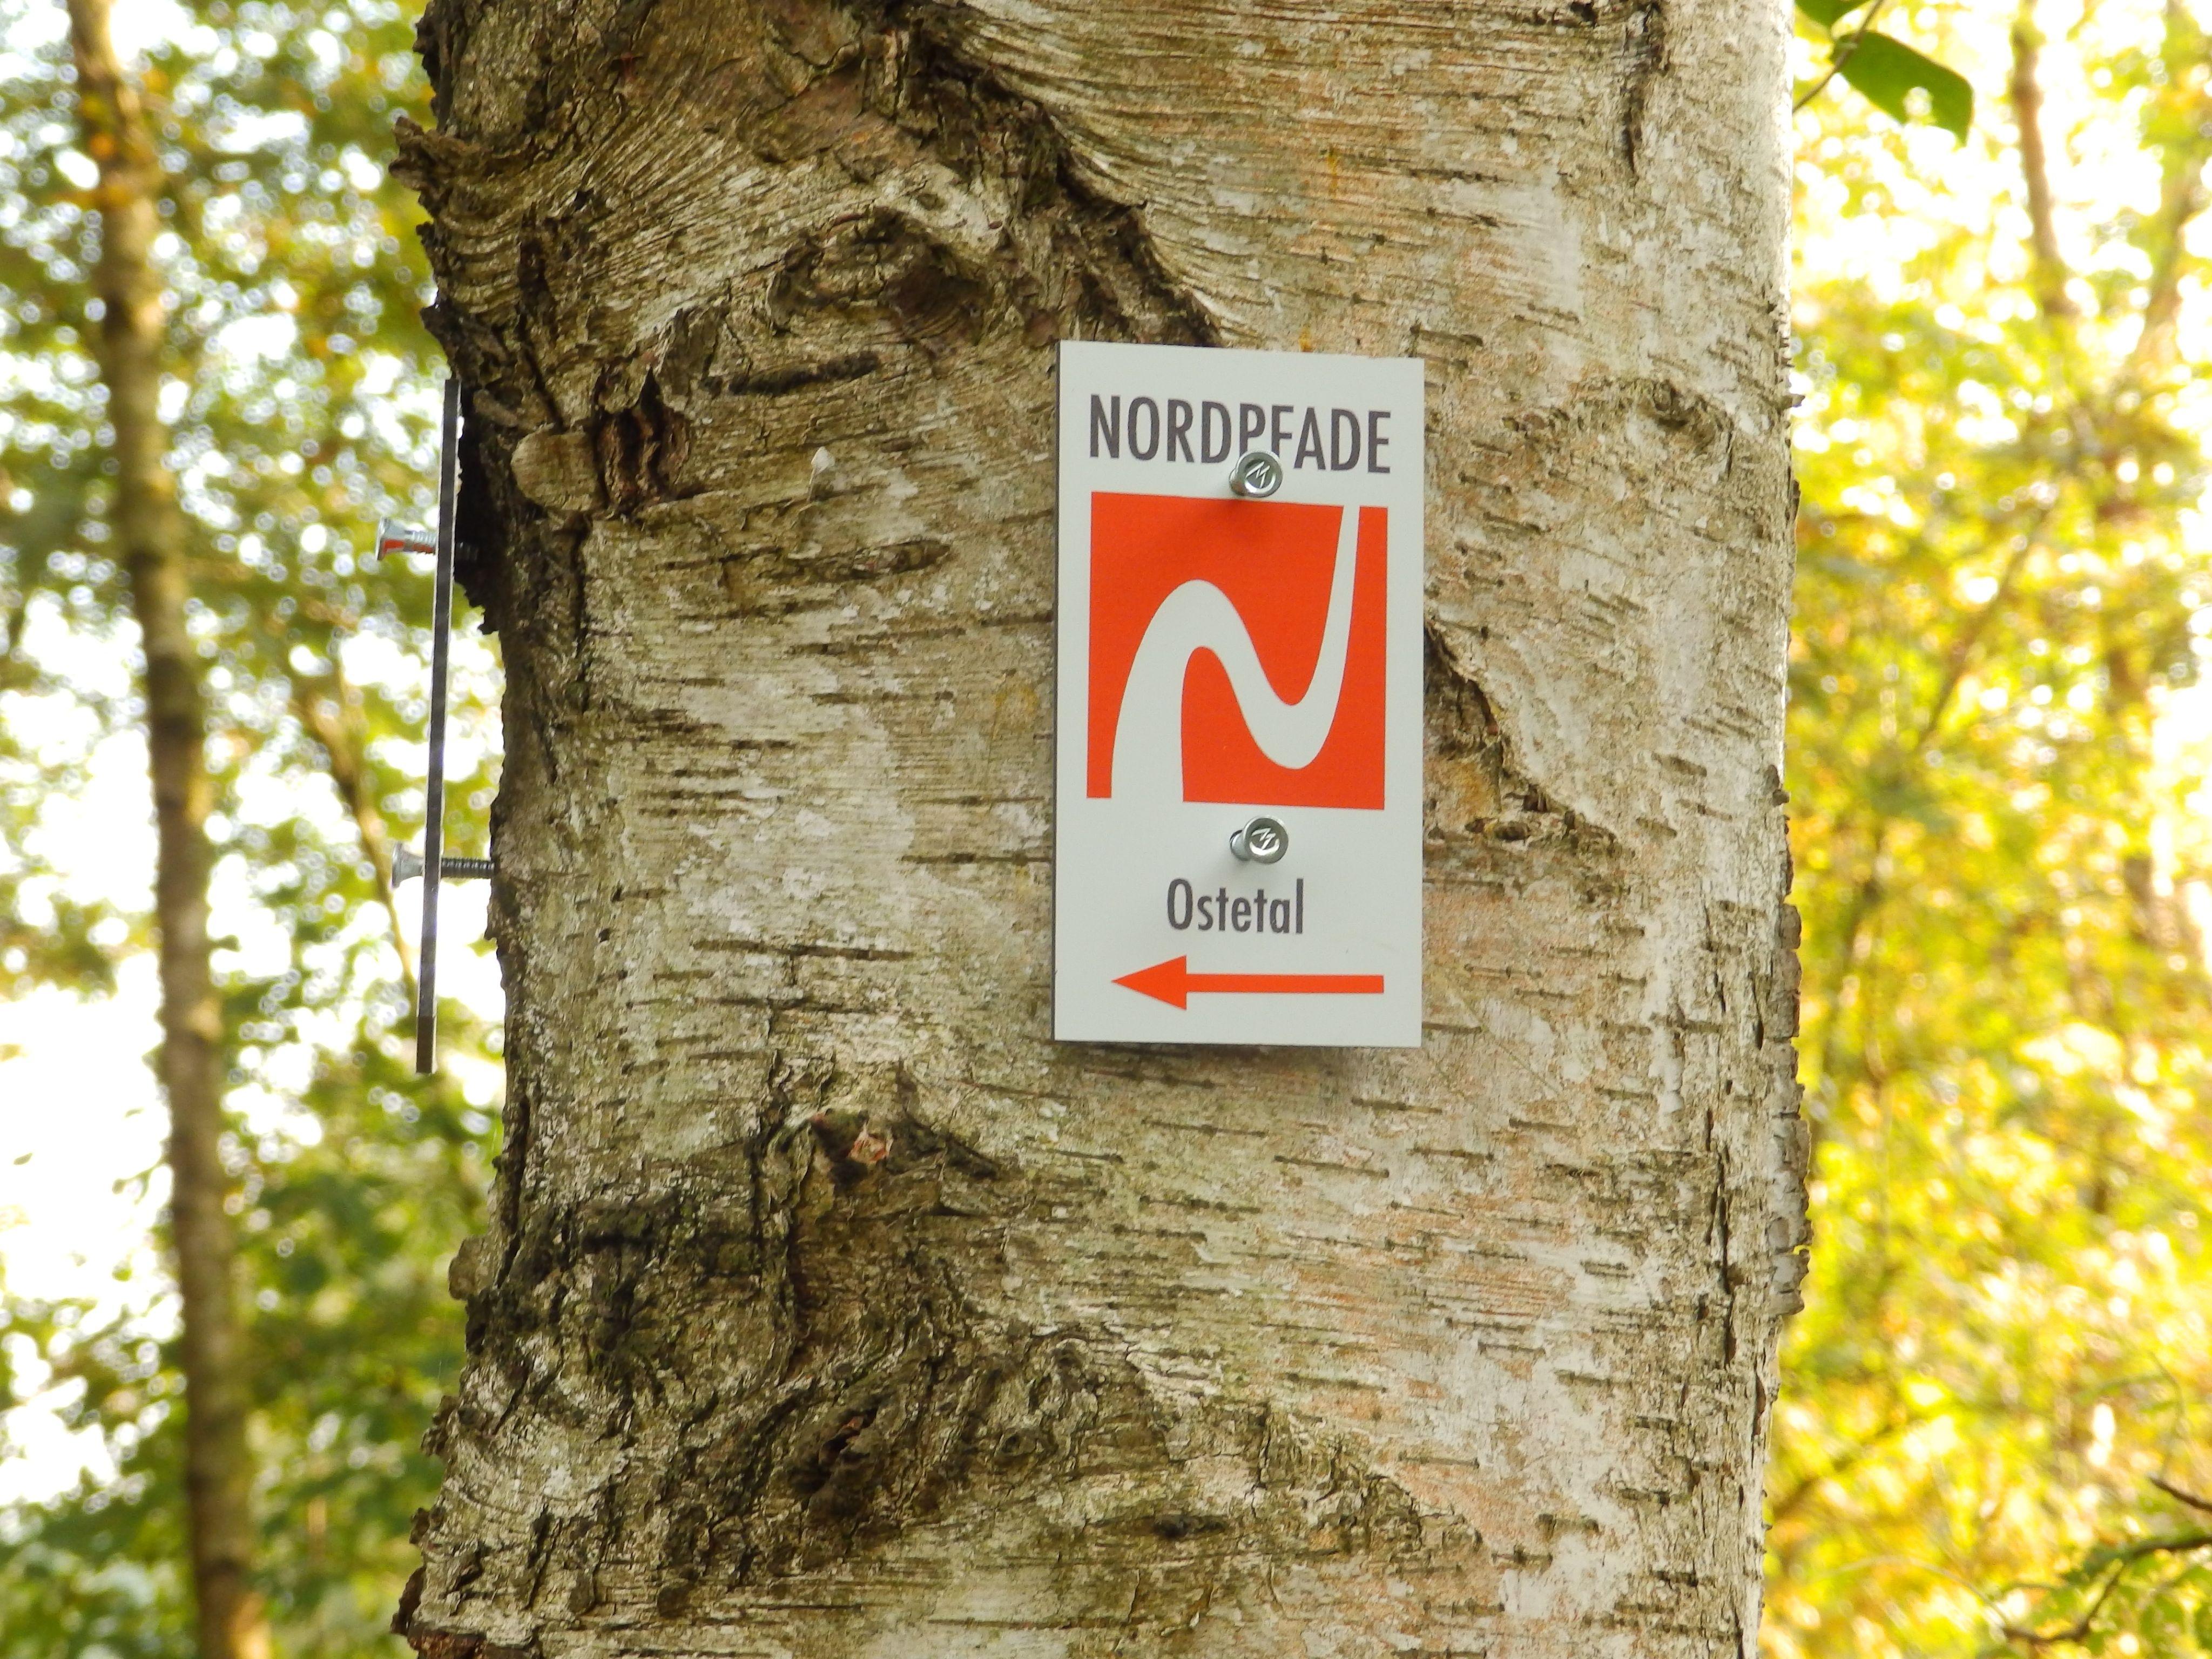 North path H�lzerbruch-Mals